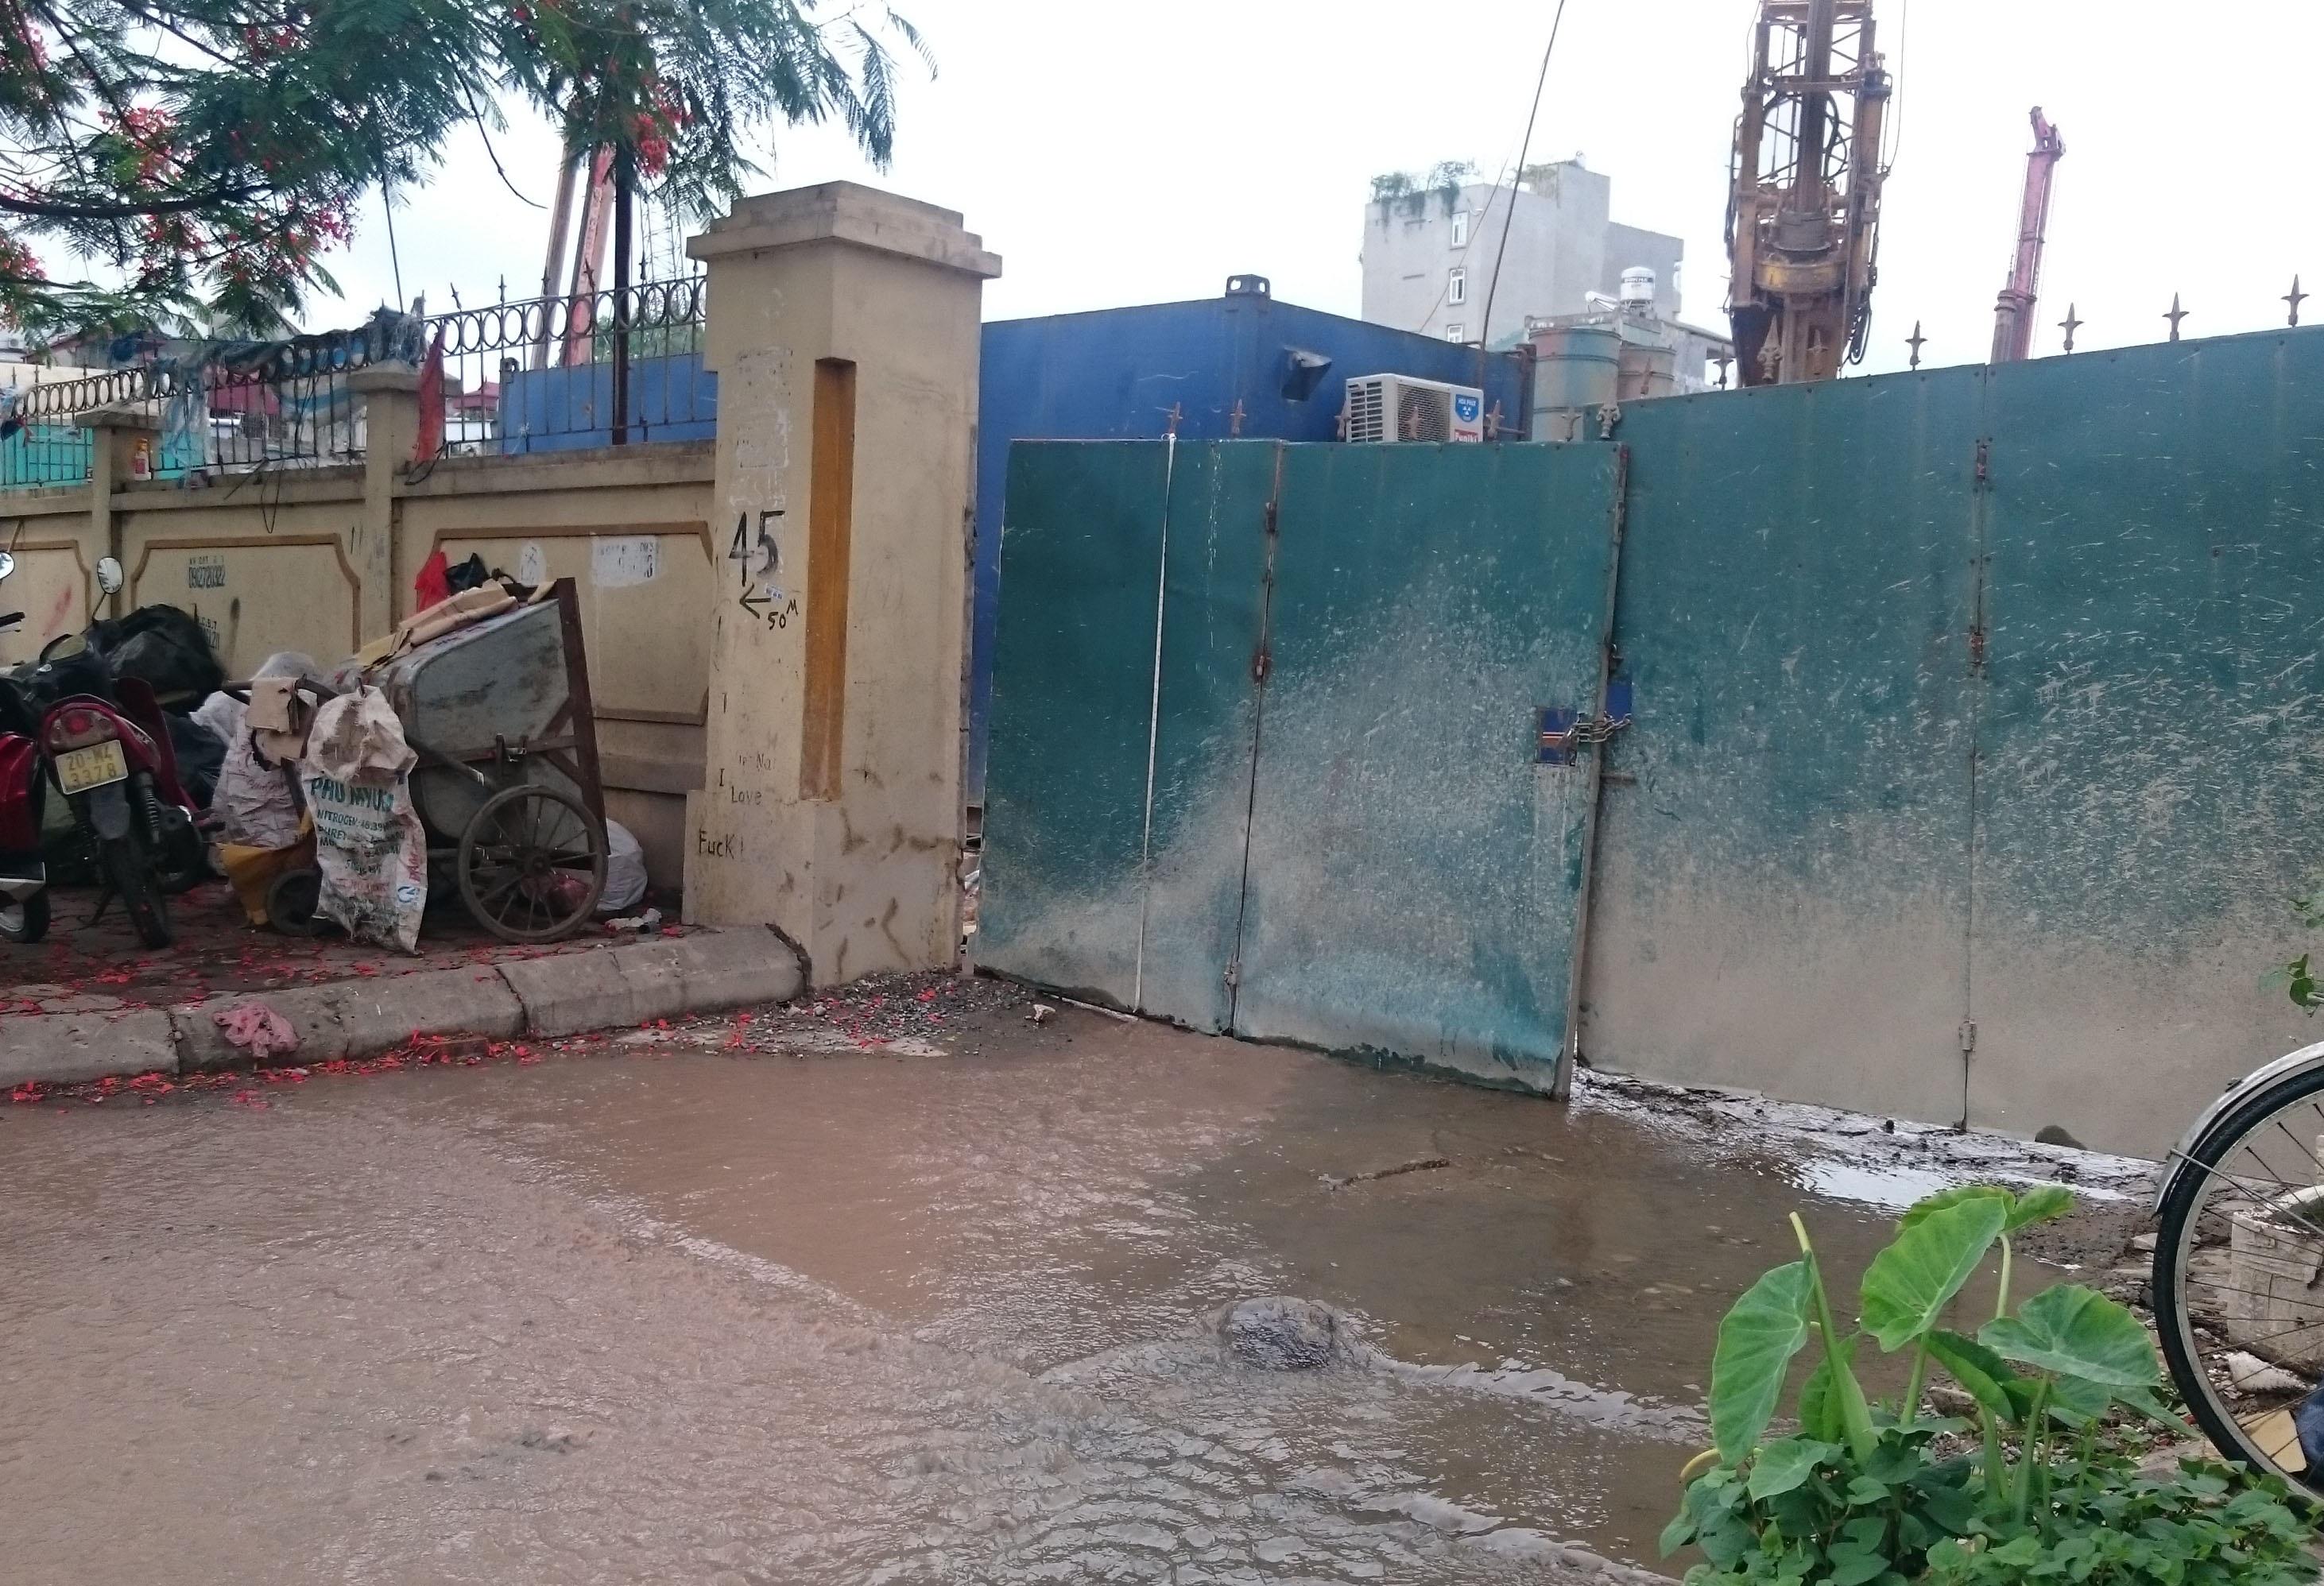 Công trình xây dựng này đã tạm dừng thì công và đang khẩn trương tiến hành làm gấp đường cồng thoát nước thải cho các hộ dân tại ngách 16/29.